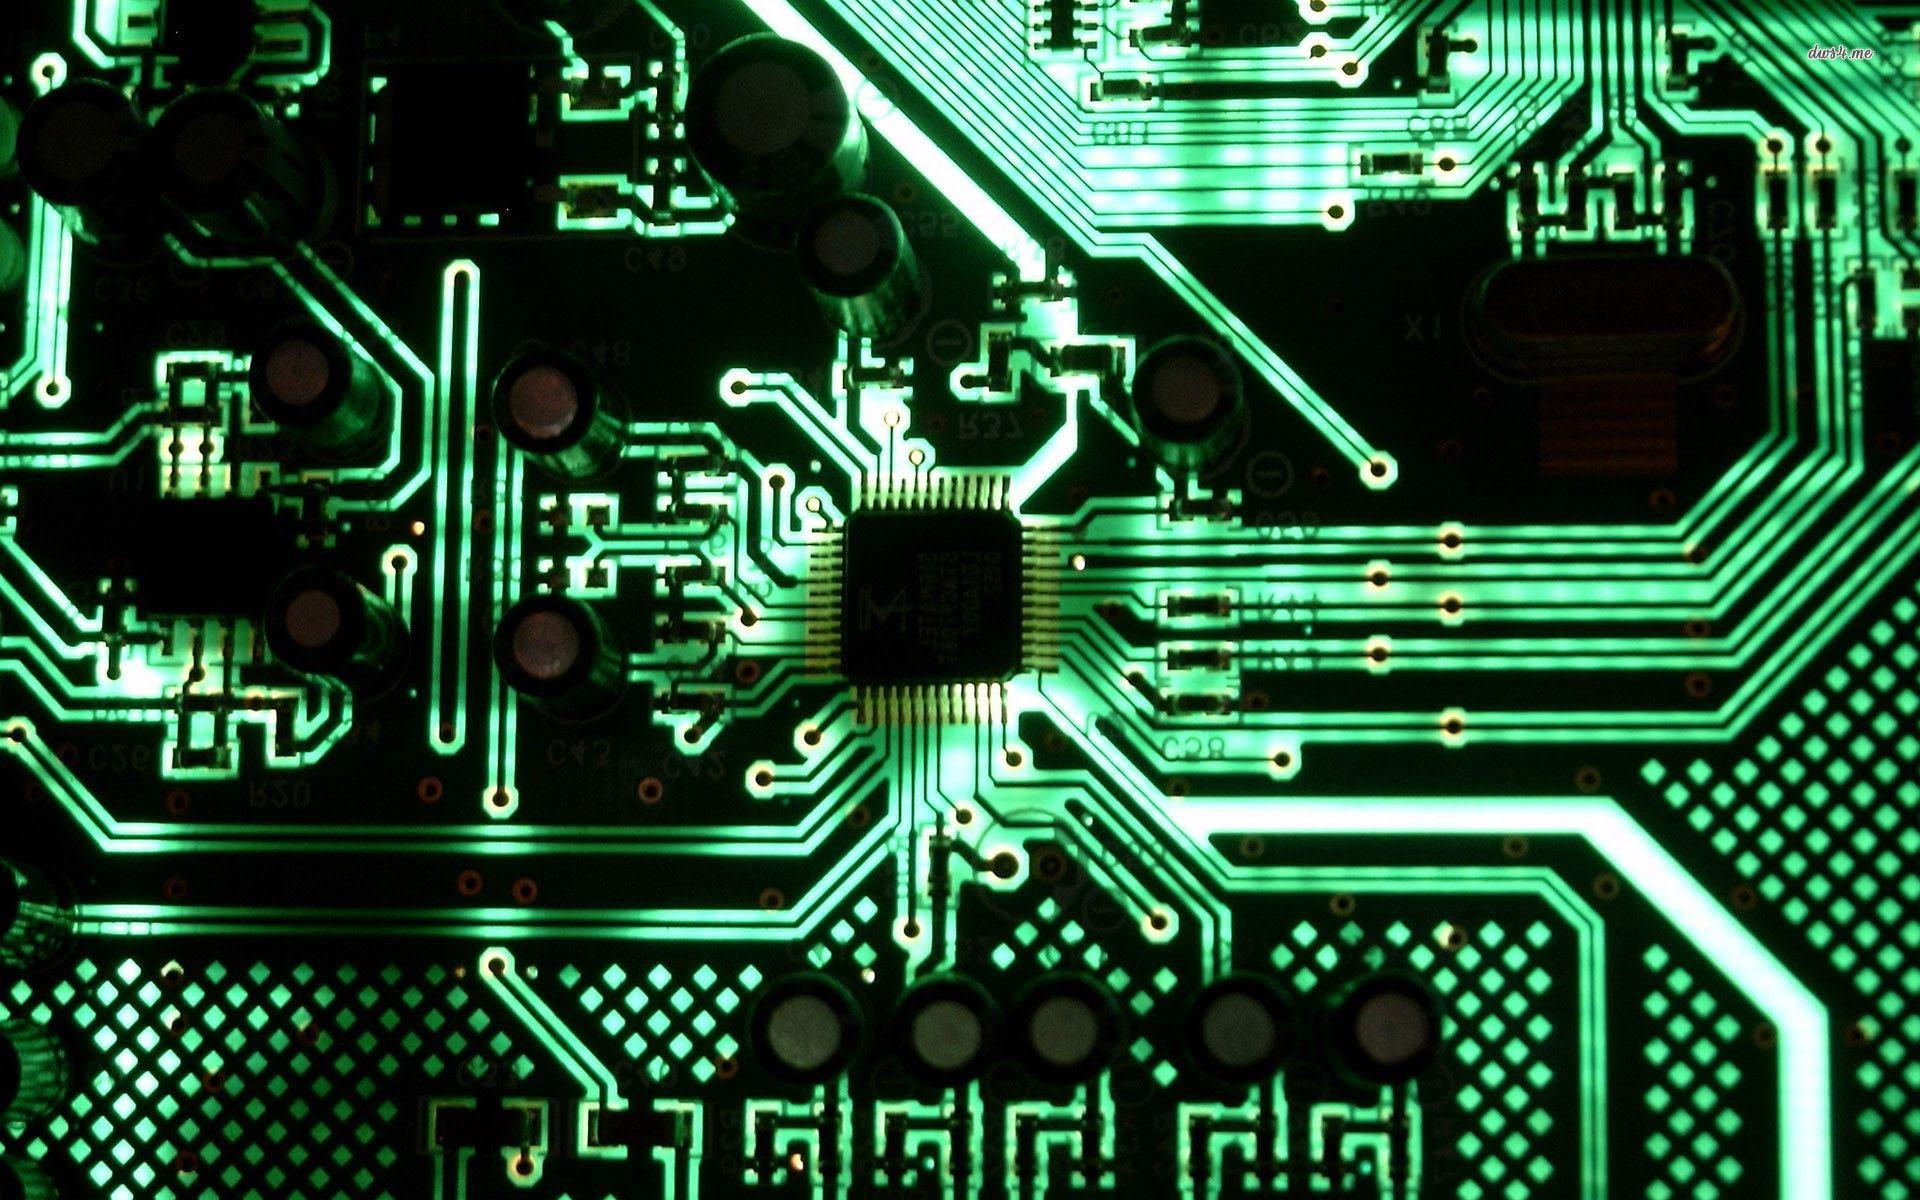 Circuit Board Wallpapers HD - WallpaperSafari